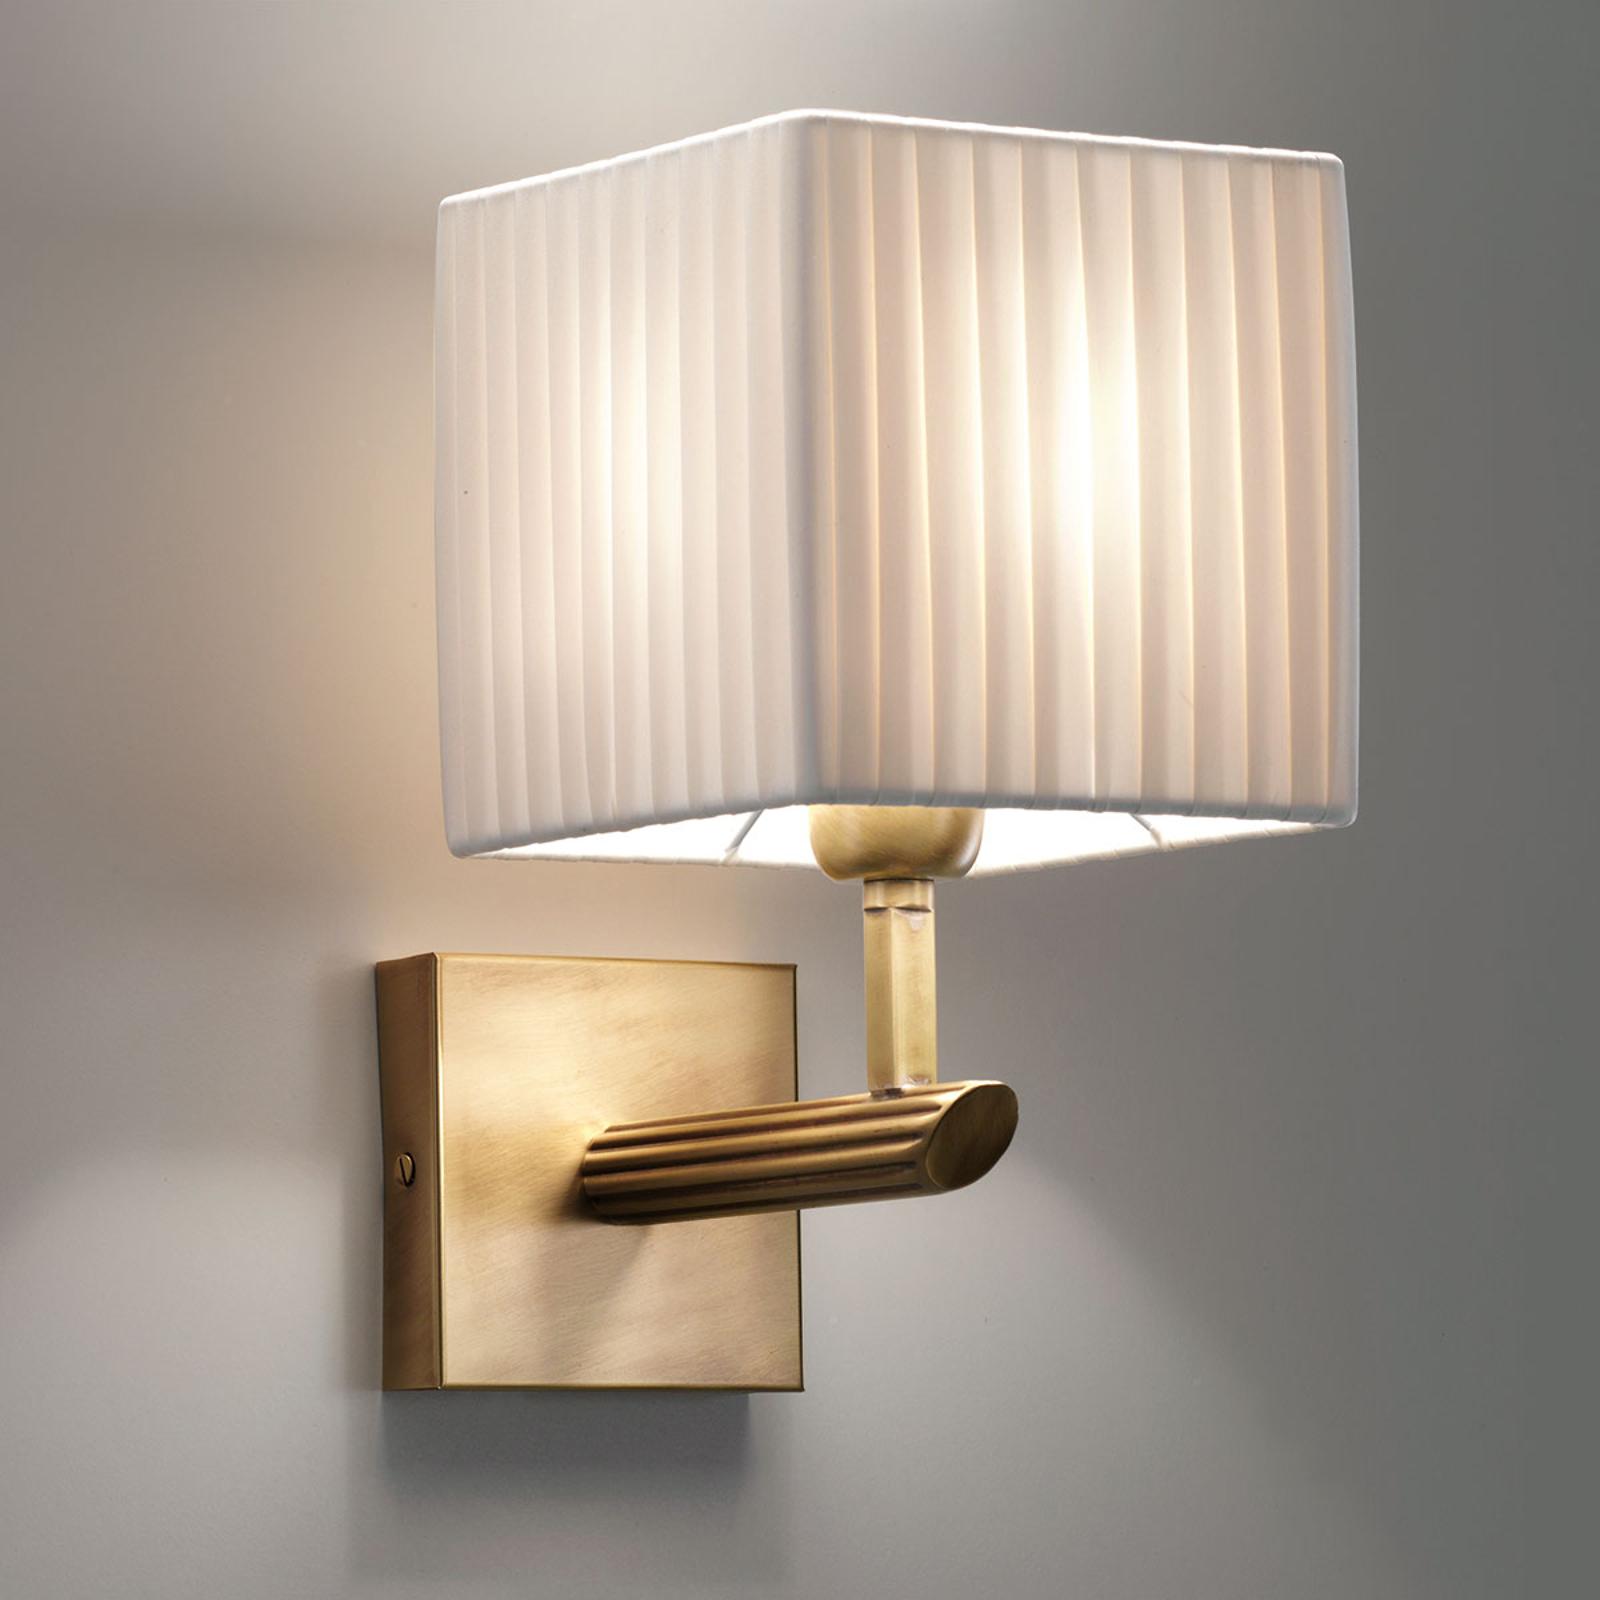 Et varmt lys med Imperial væglampen